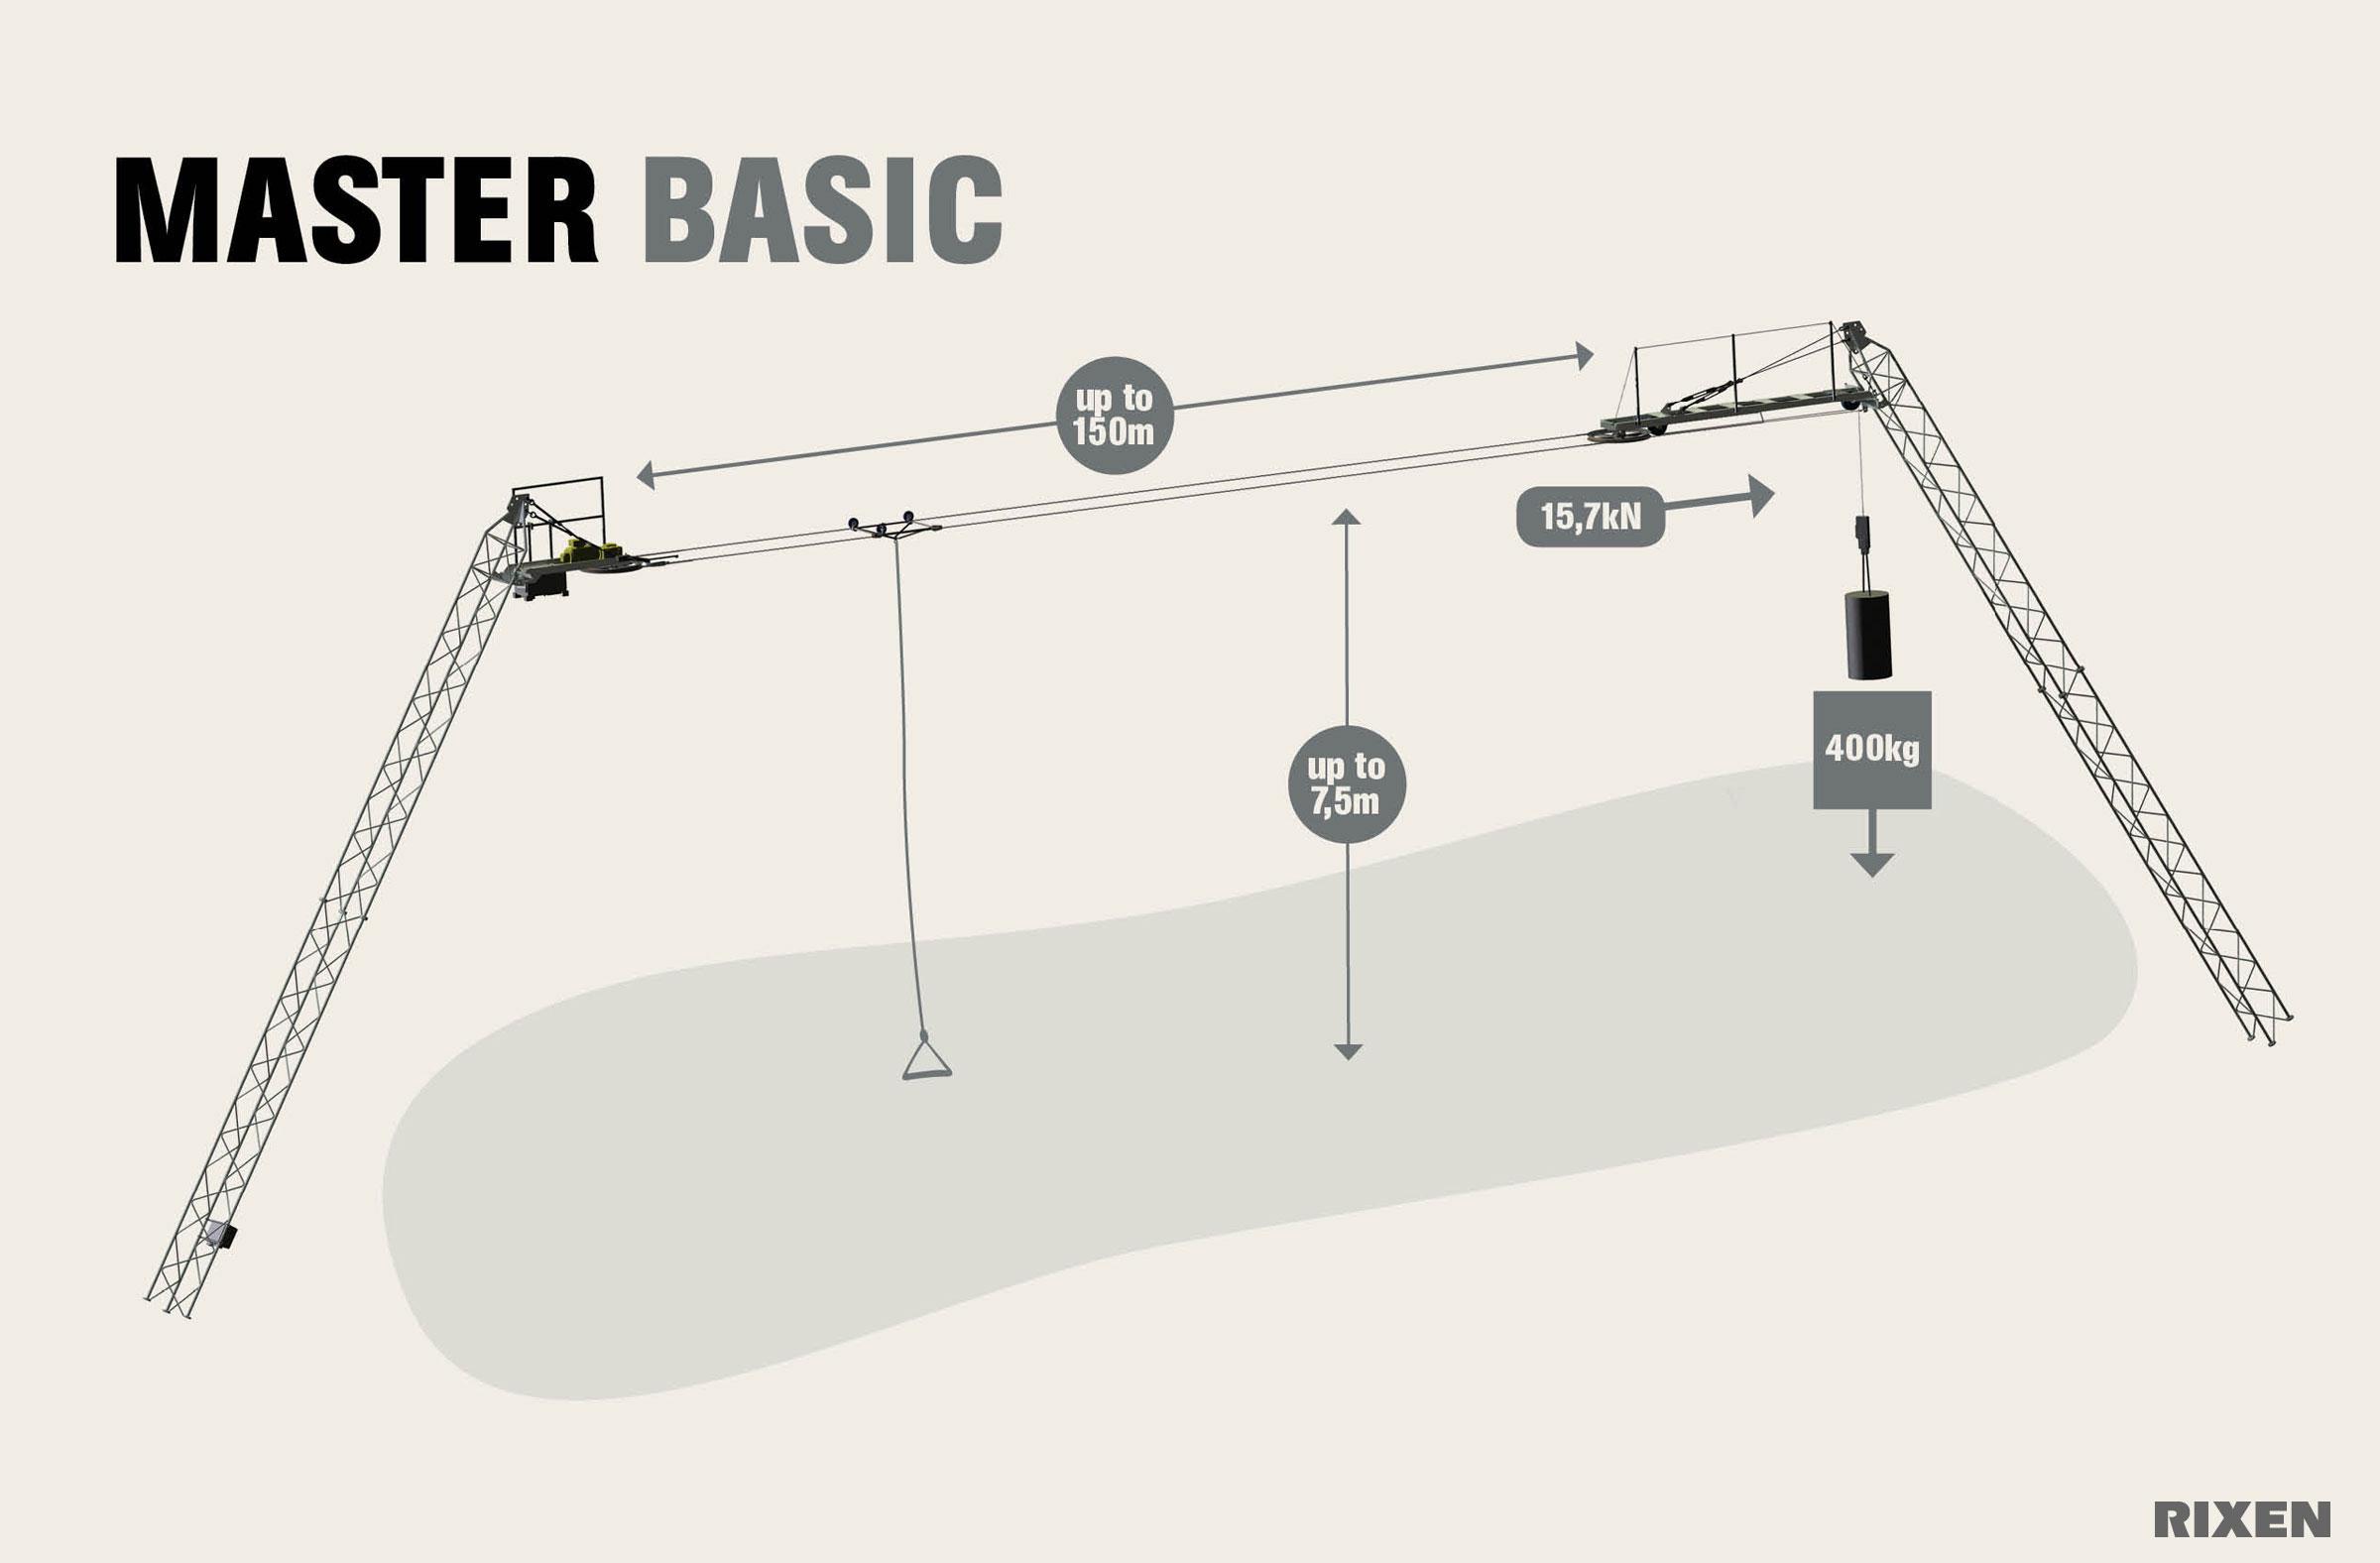 Wyciąg dwusłupowy do wake RIXEN MASTER BASIC